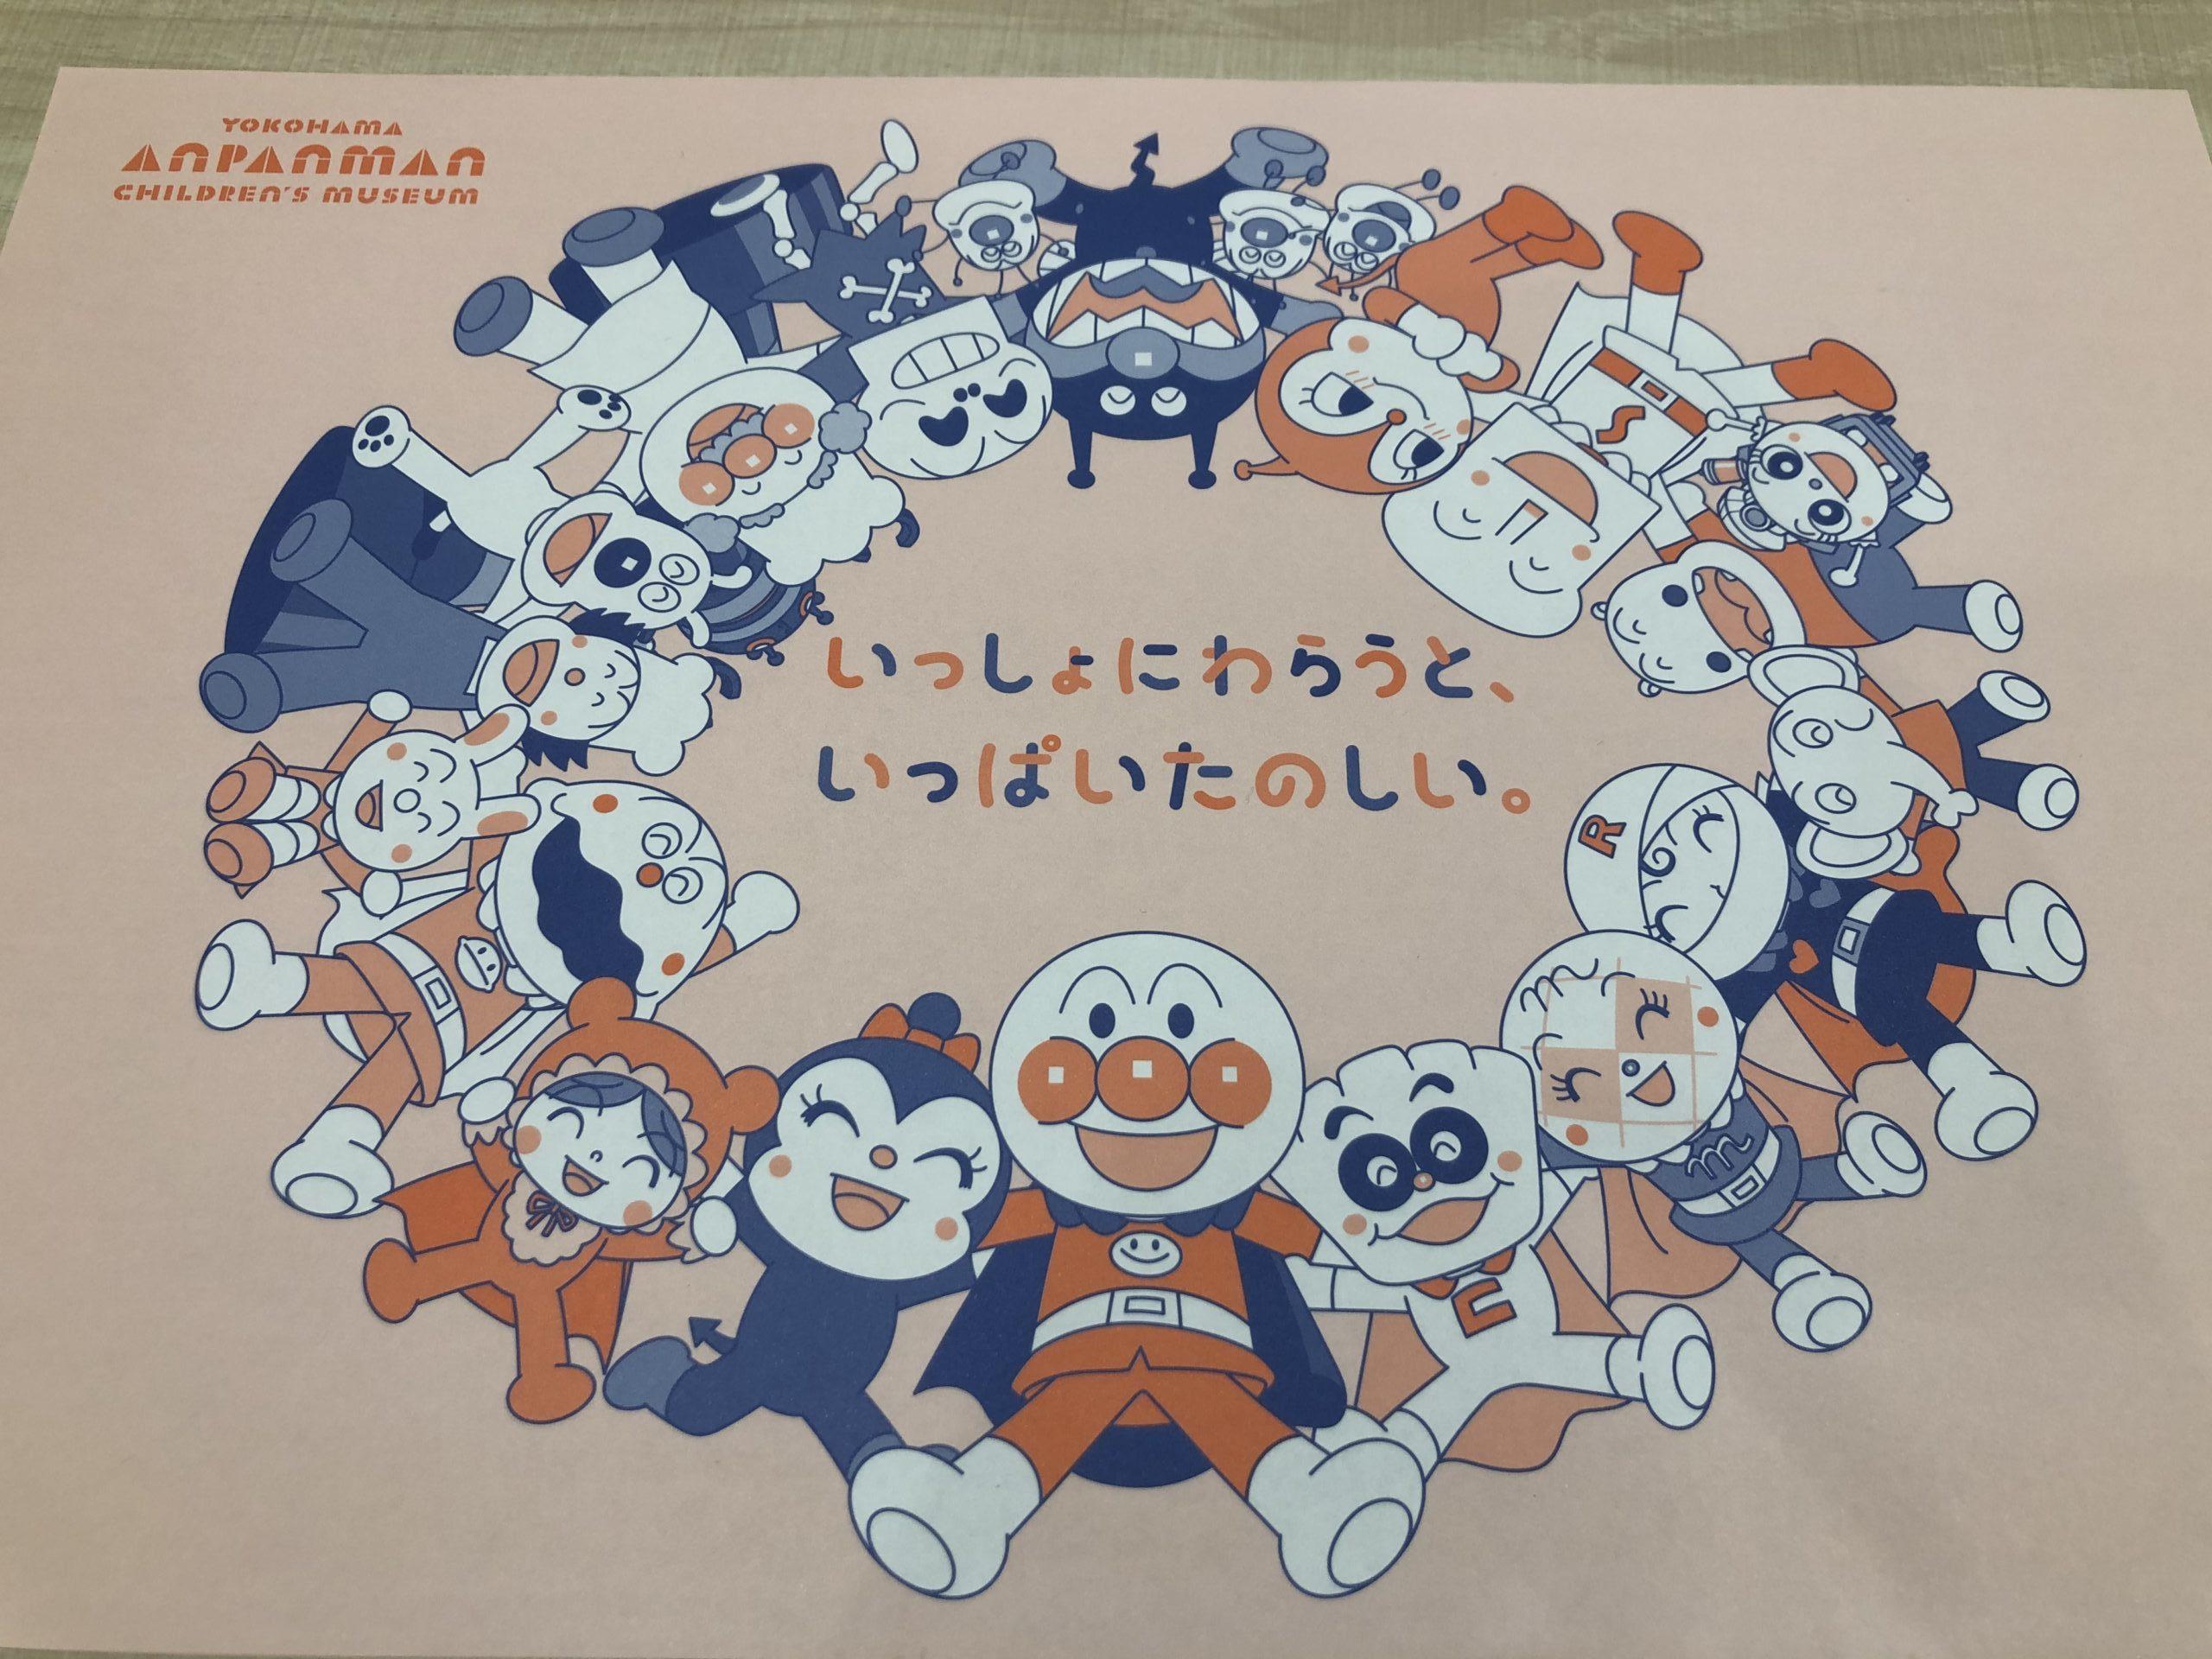 【2歳】横浜アンパンマンミュージアムに行ってきました。かかった費用も大公開!